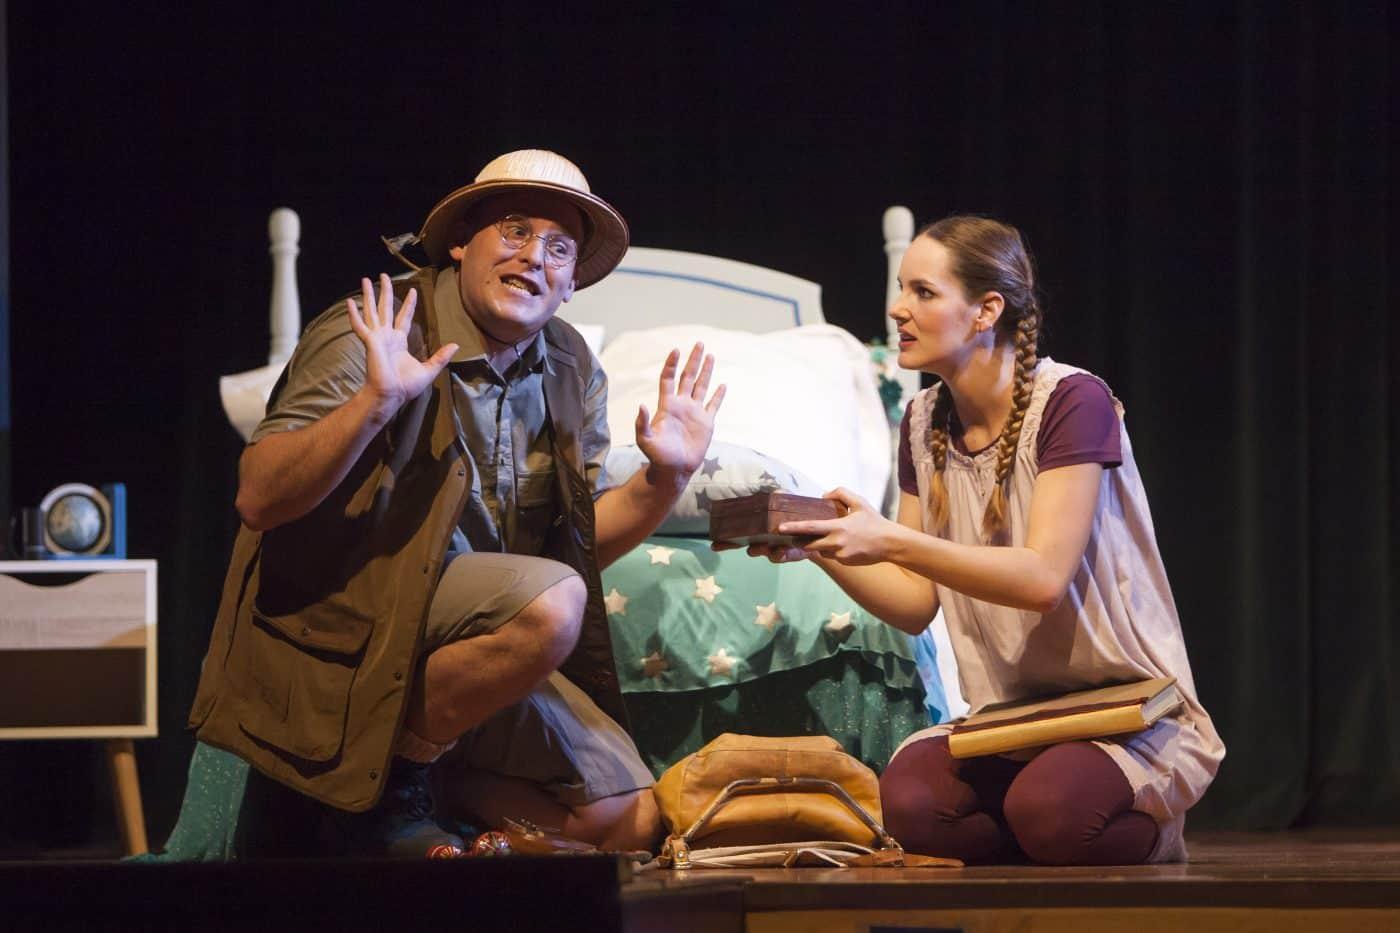 Teatro familiar este sábado en Haro con 'De los cuentos a las cuentas' 1